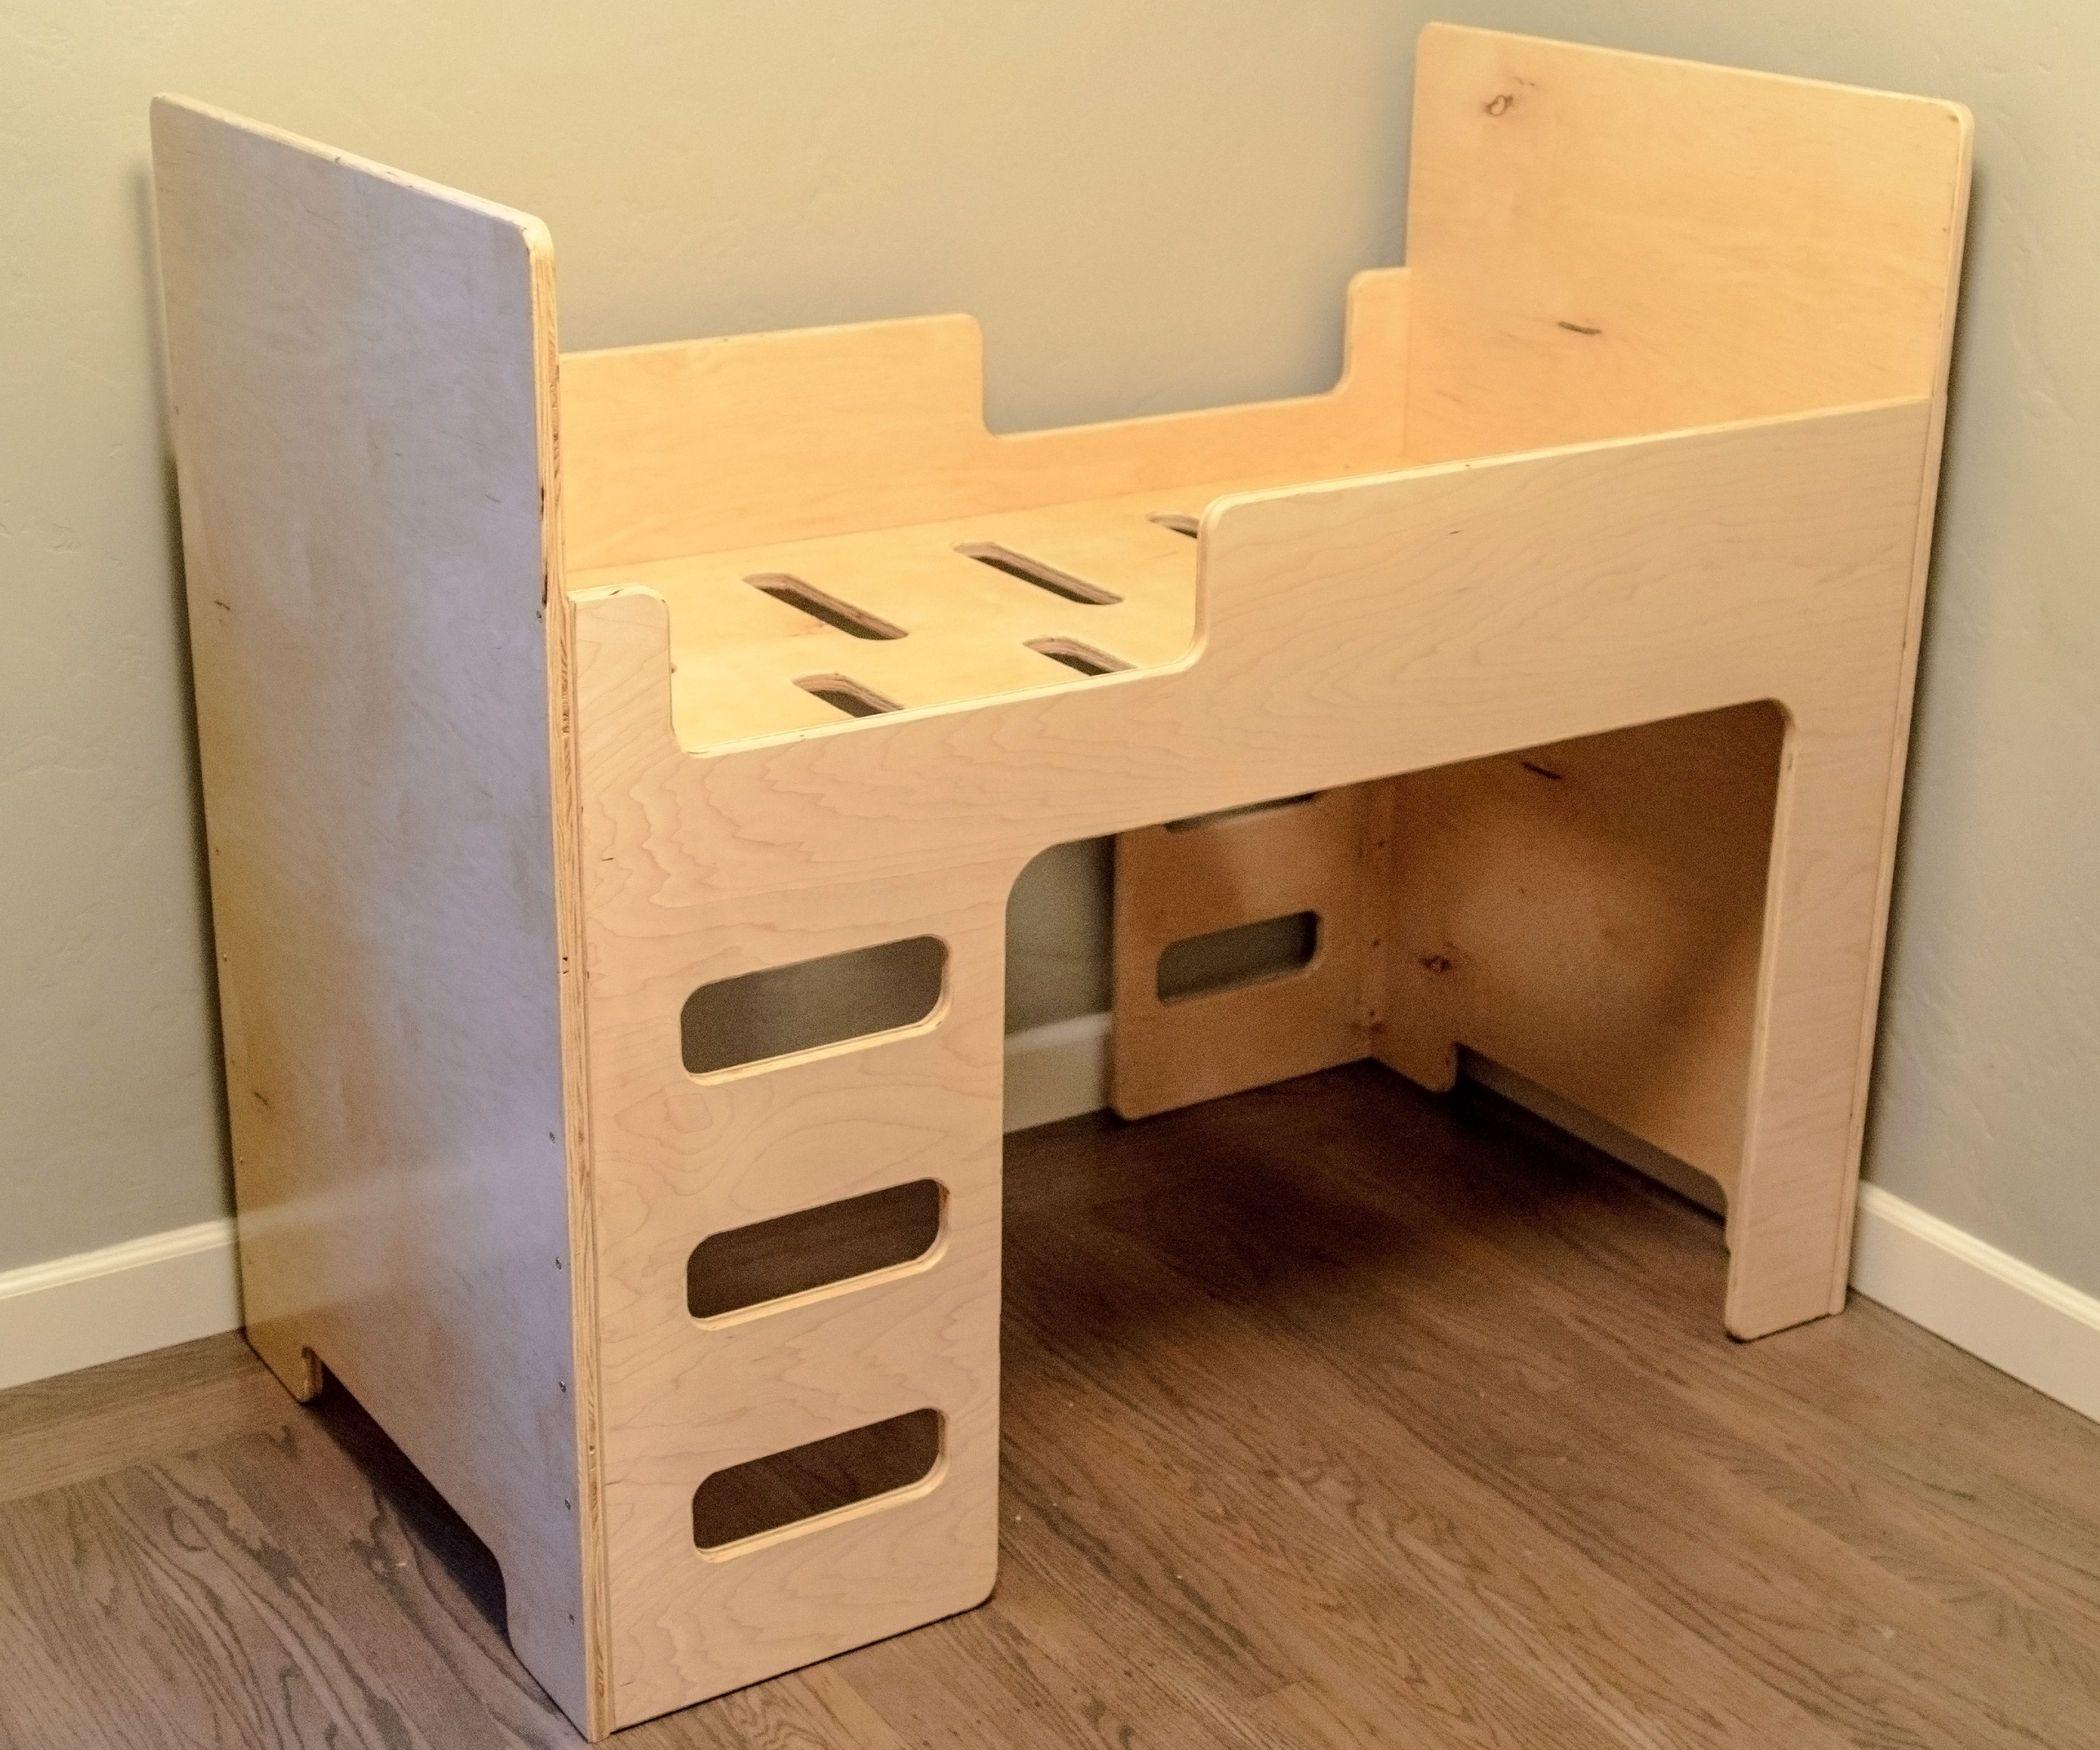 Diy kids loft bed plans  Simple Elegant Toddler Bed   My little Champ u Princess